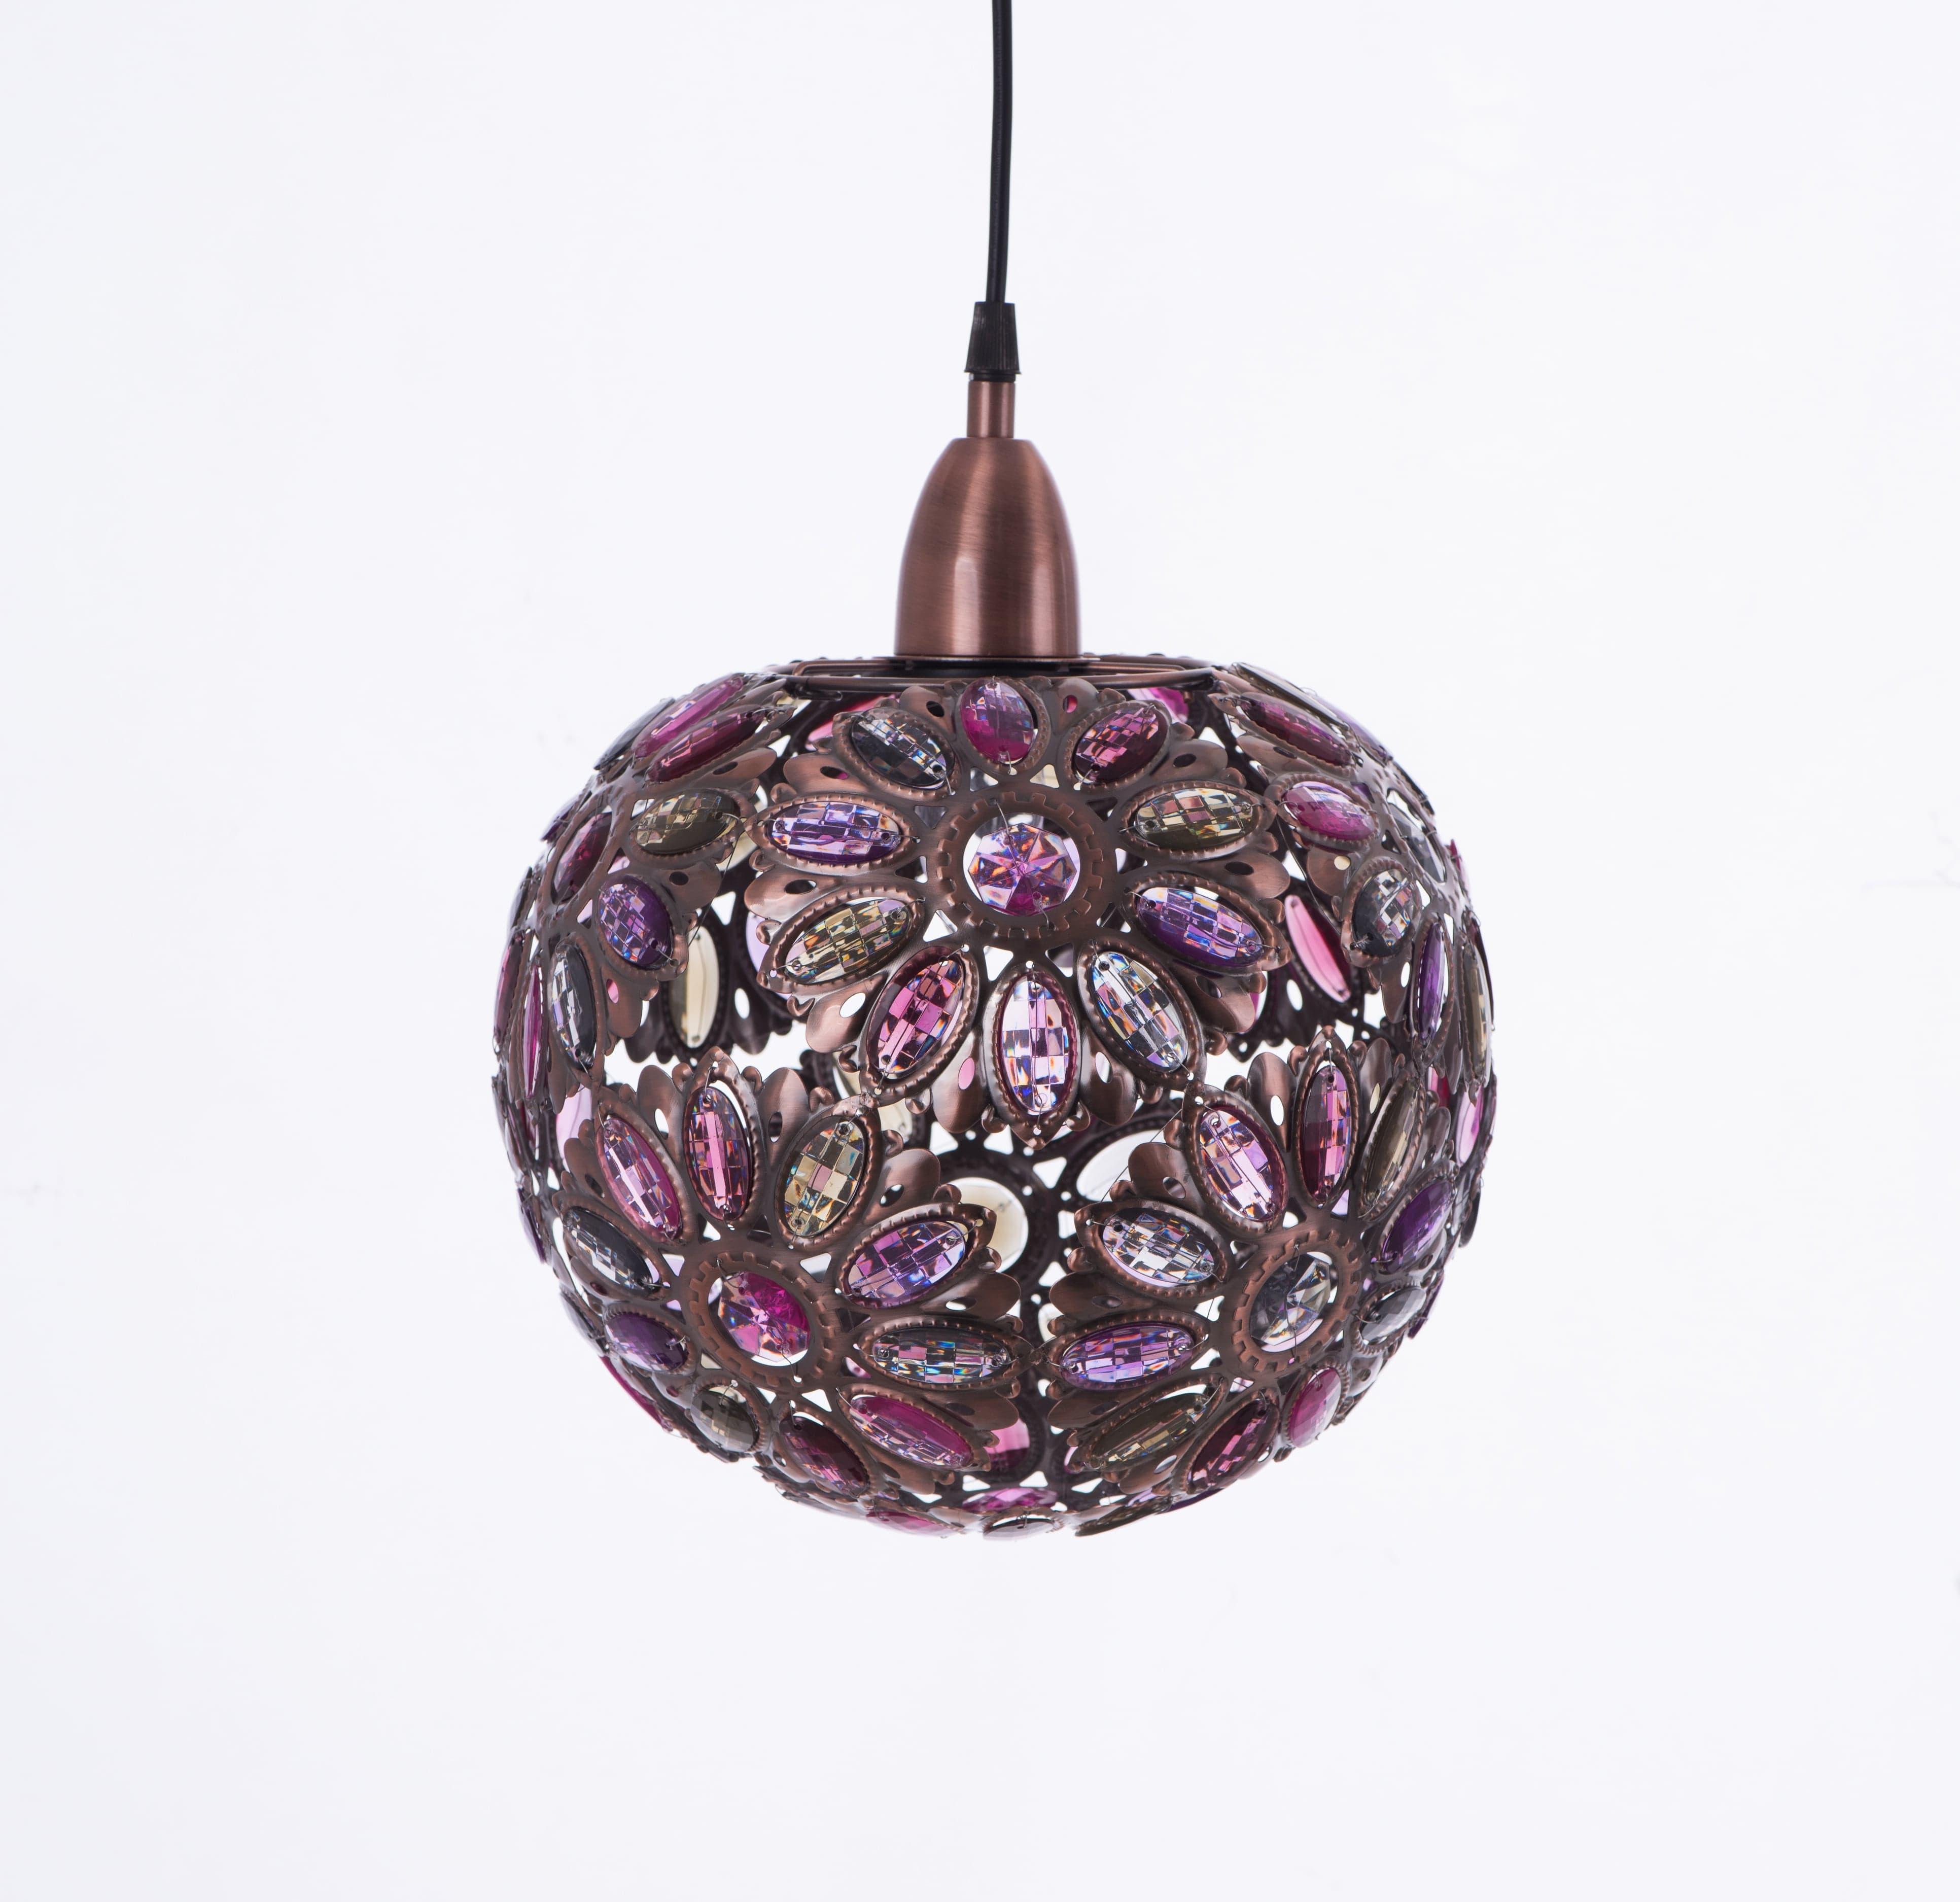 紅銅波斯蘭菊吊燈-BNL00087 0